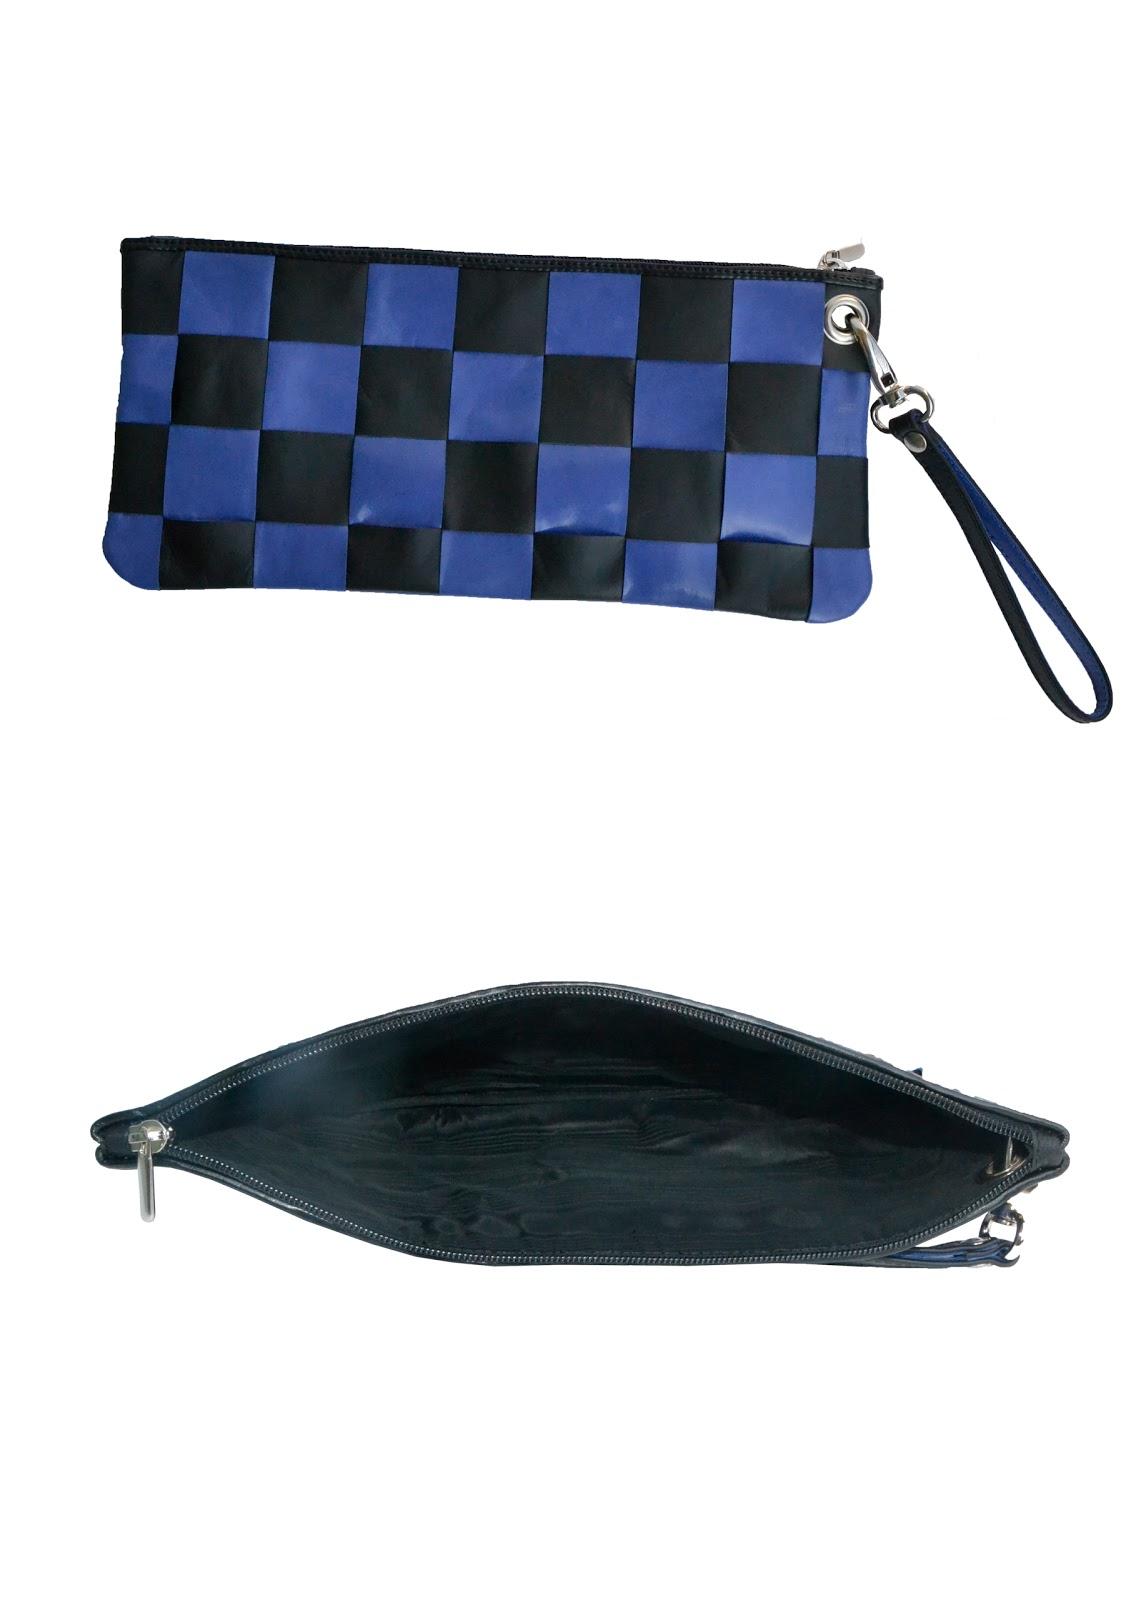 aa4f330099 Andrea Pelleterie Artigianali: Pochette intreccio blu/nero (45x35)